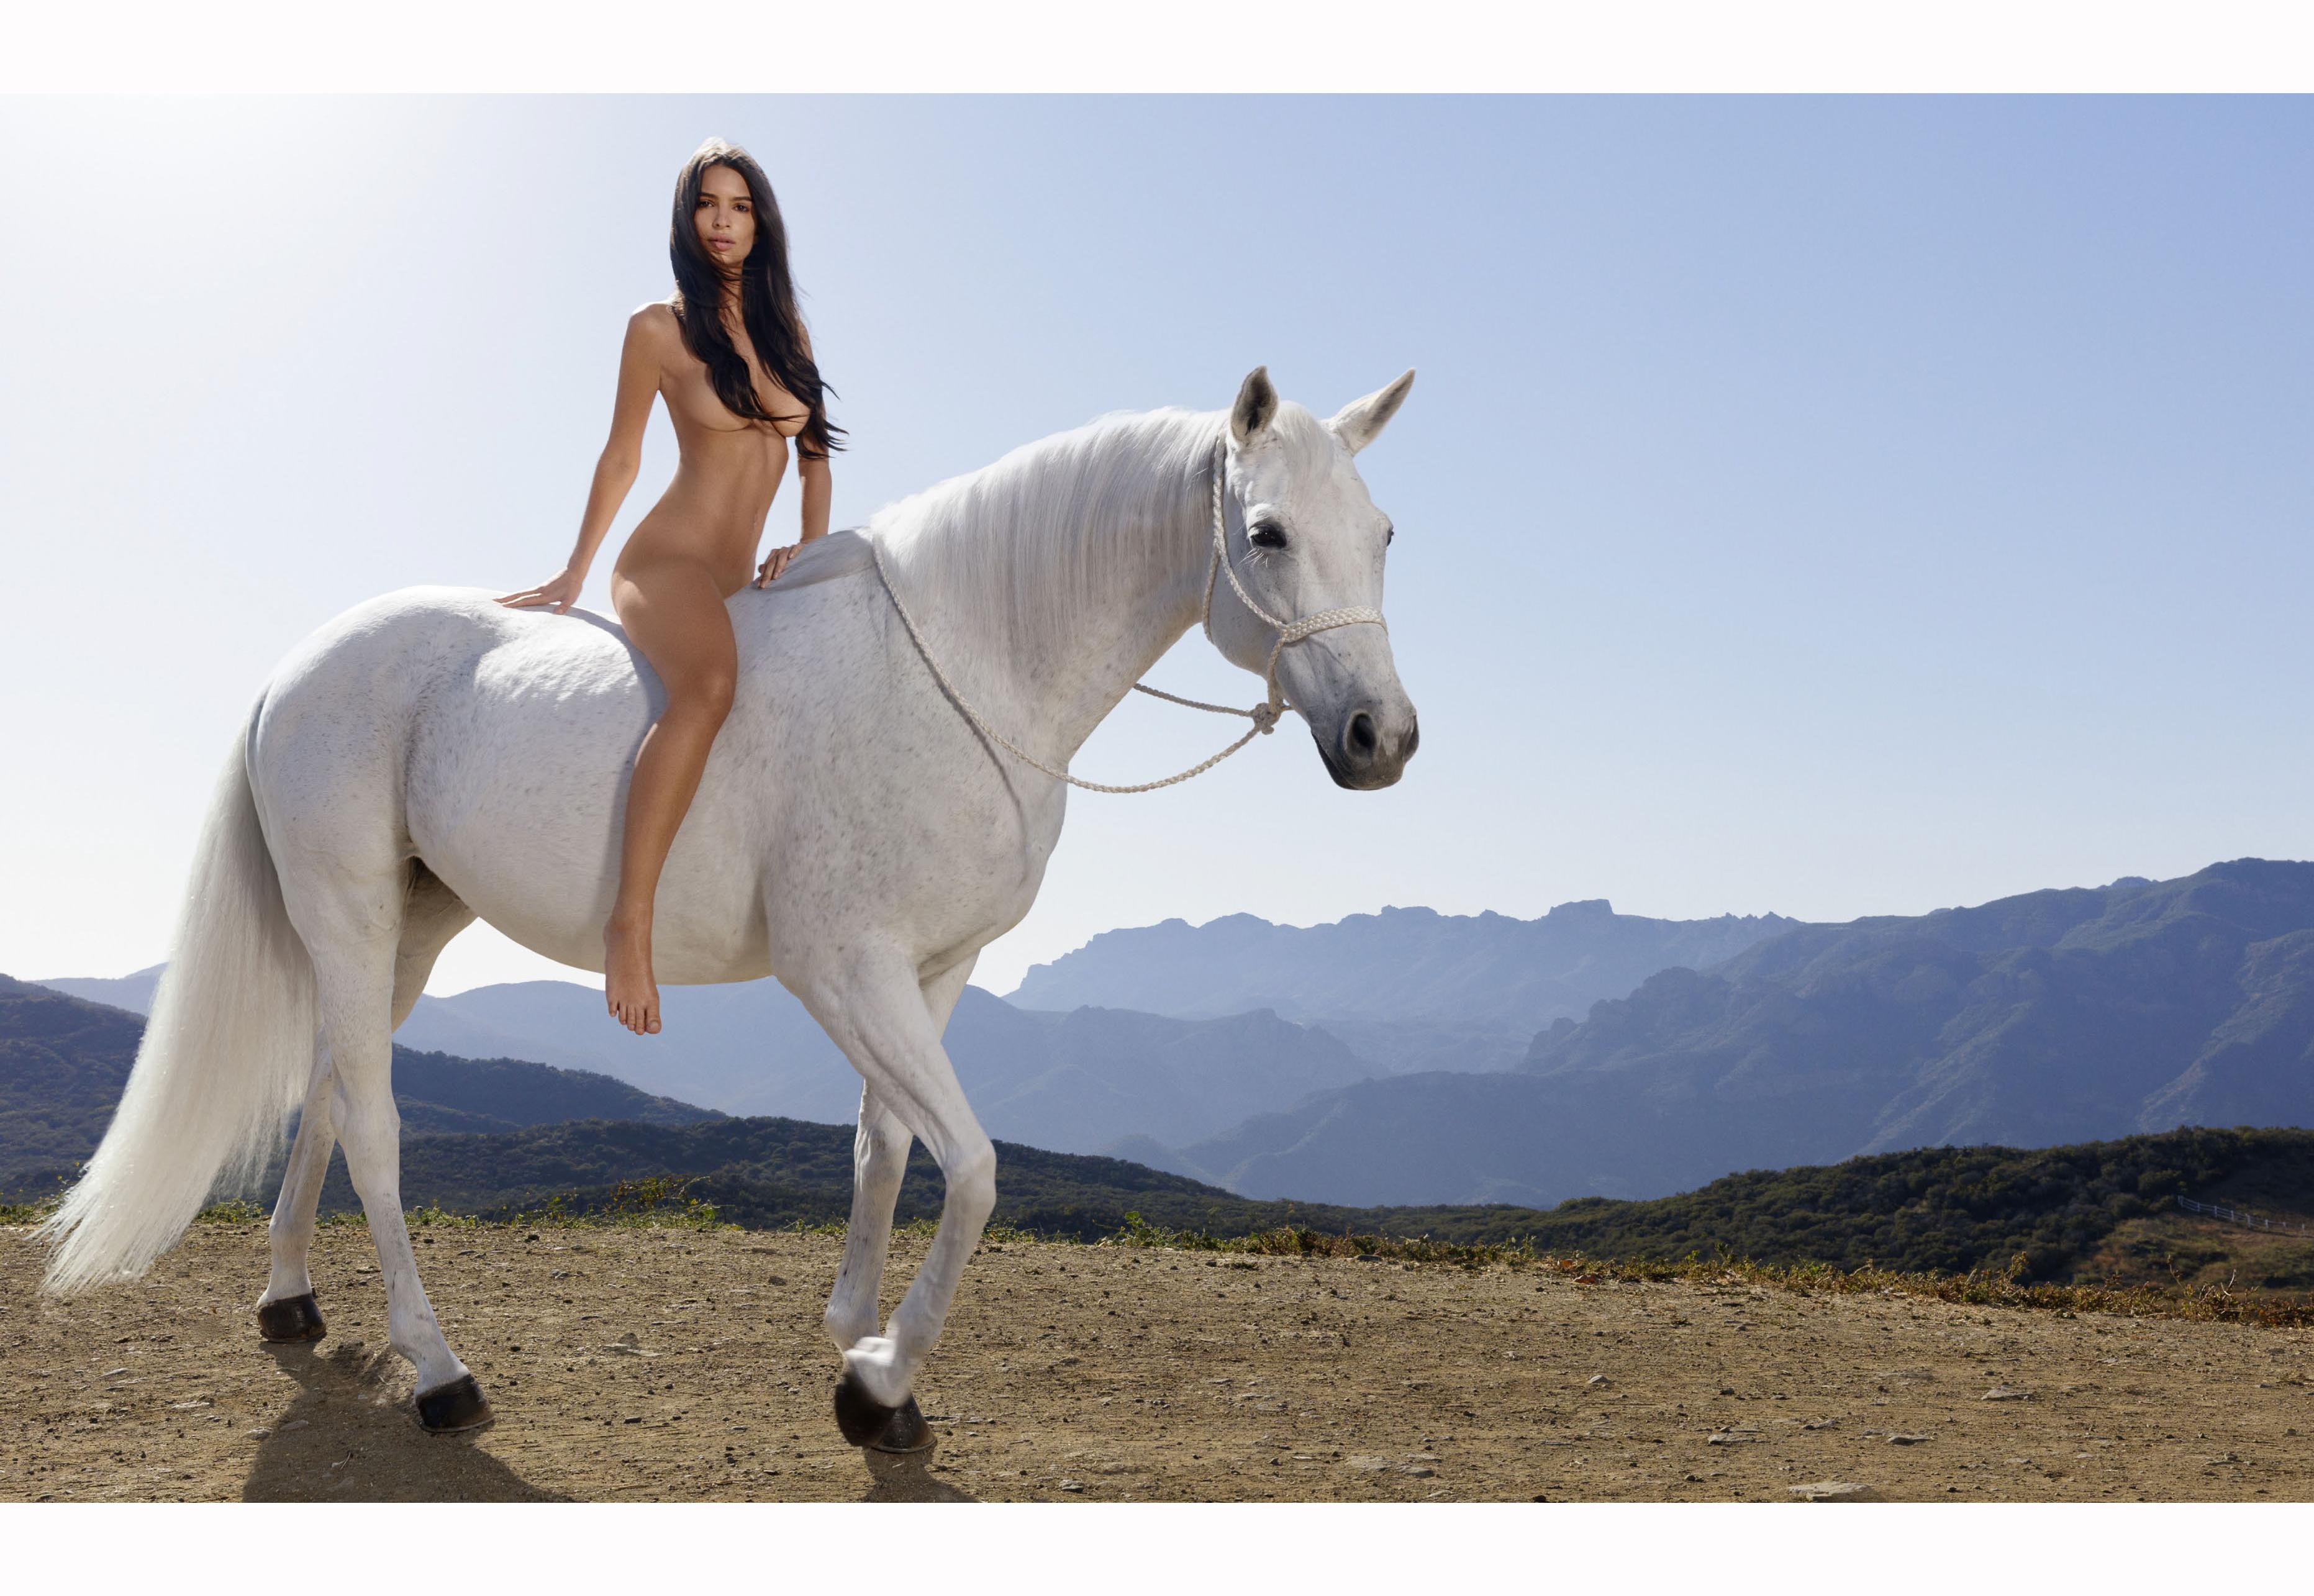 Bikini Tania Mer nude (26 photos), Sexy, Paparazzi, Selfie, swimsuit 2020